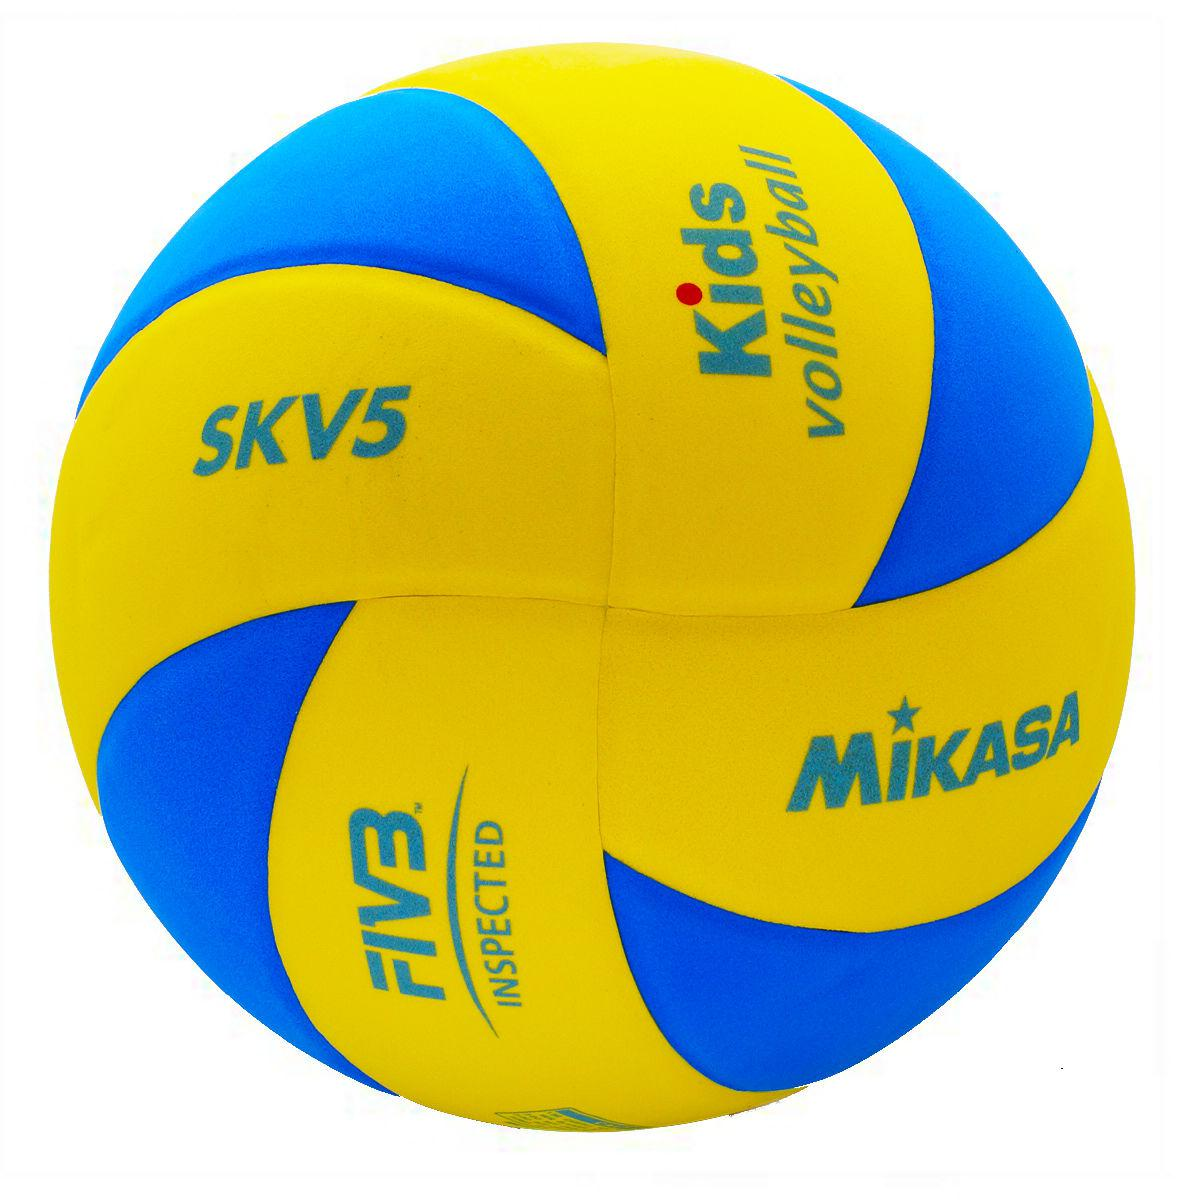 Волейбольный мяч Mikasa (SKV5)